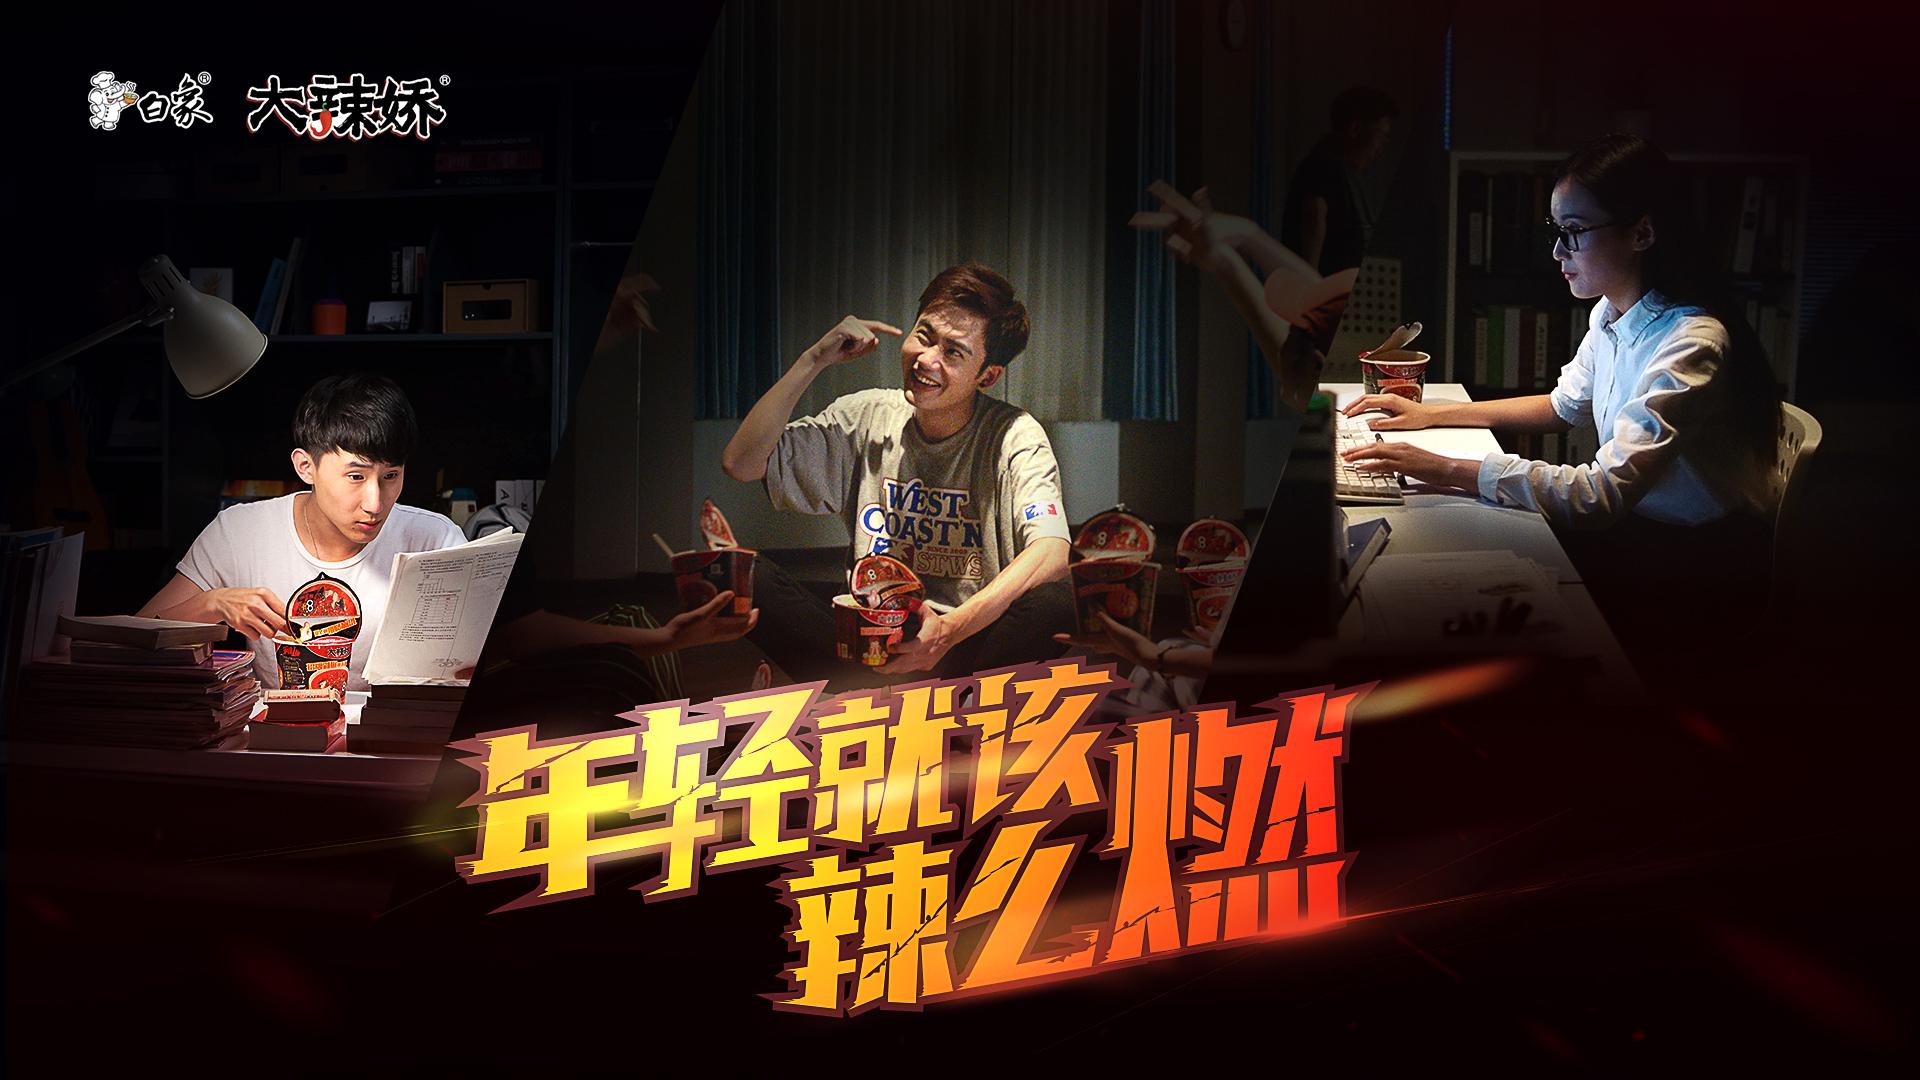 """白象出品""""超扎心""""海报&视频燃爆互联网"""